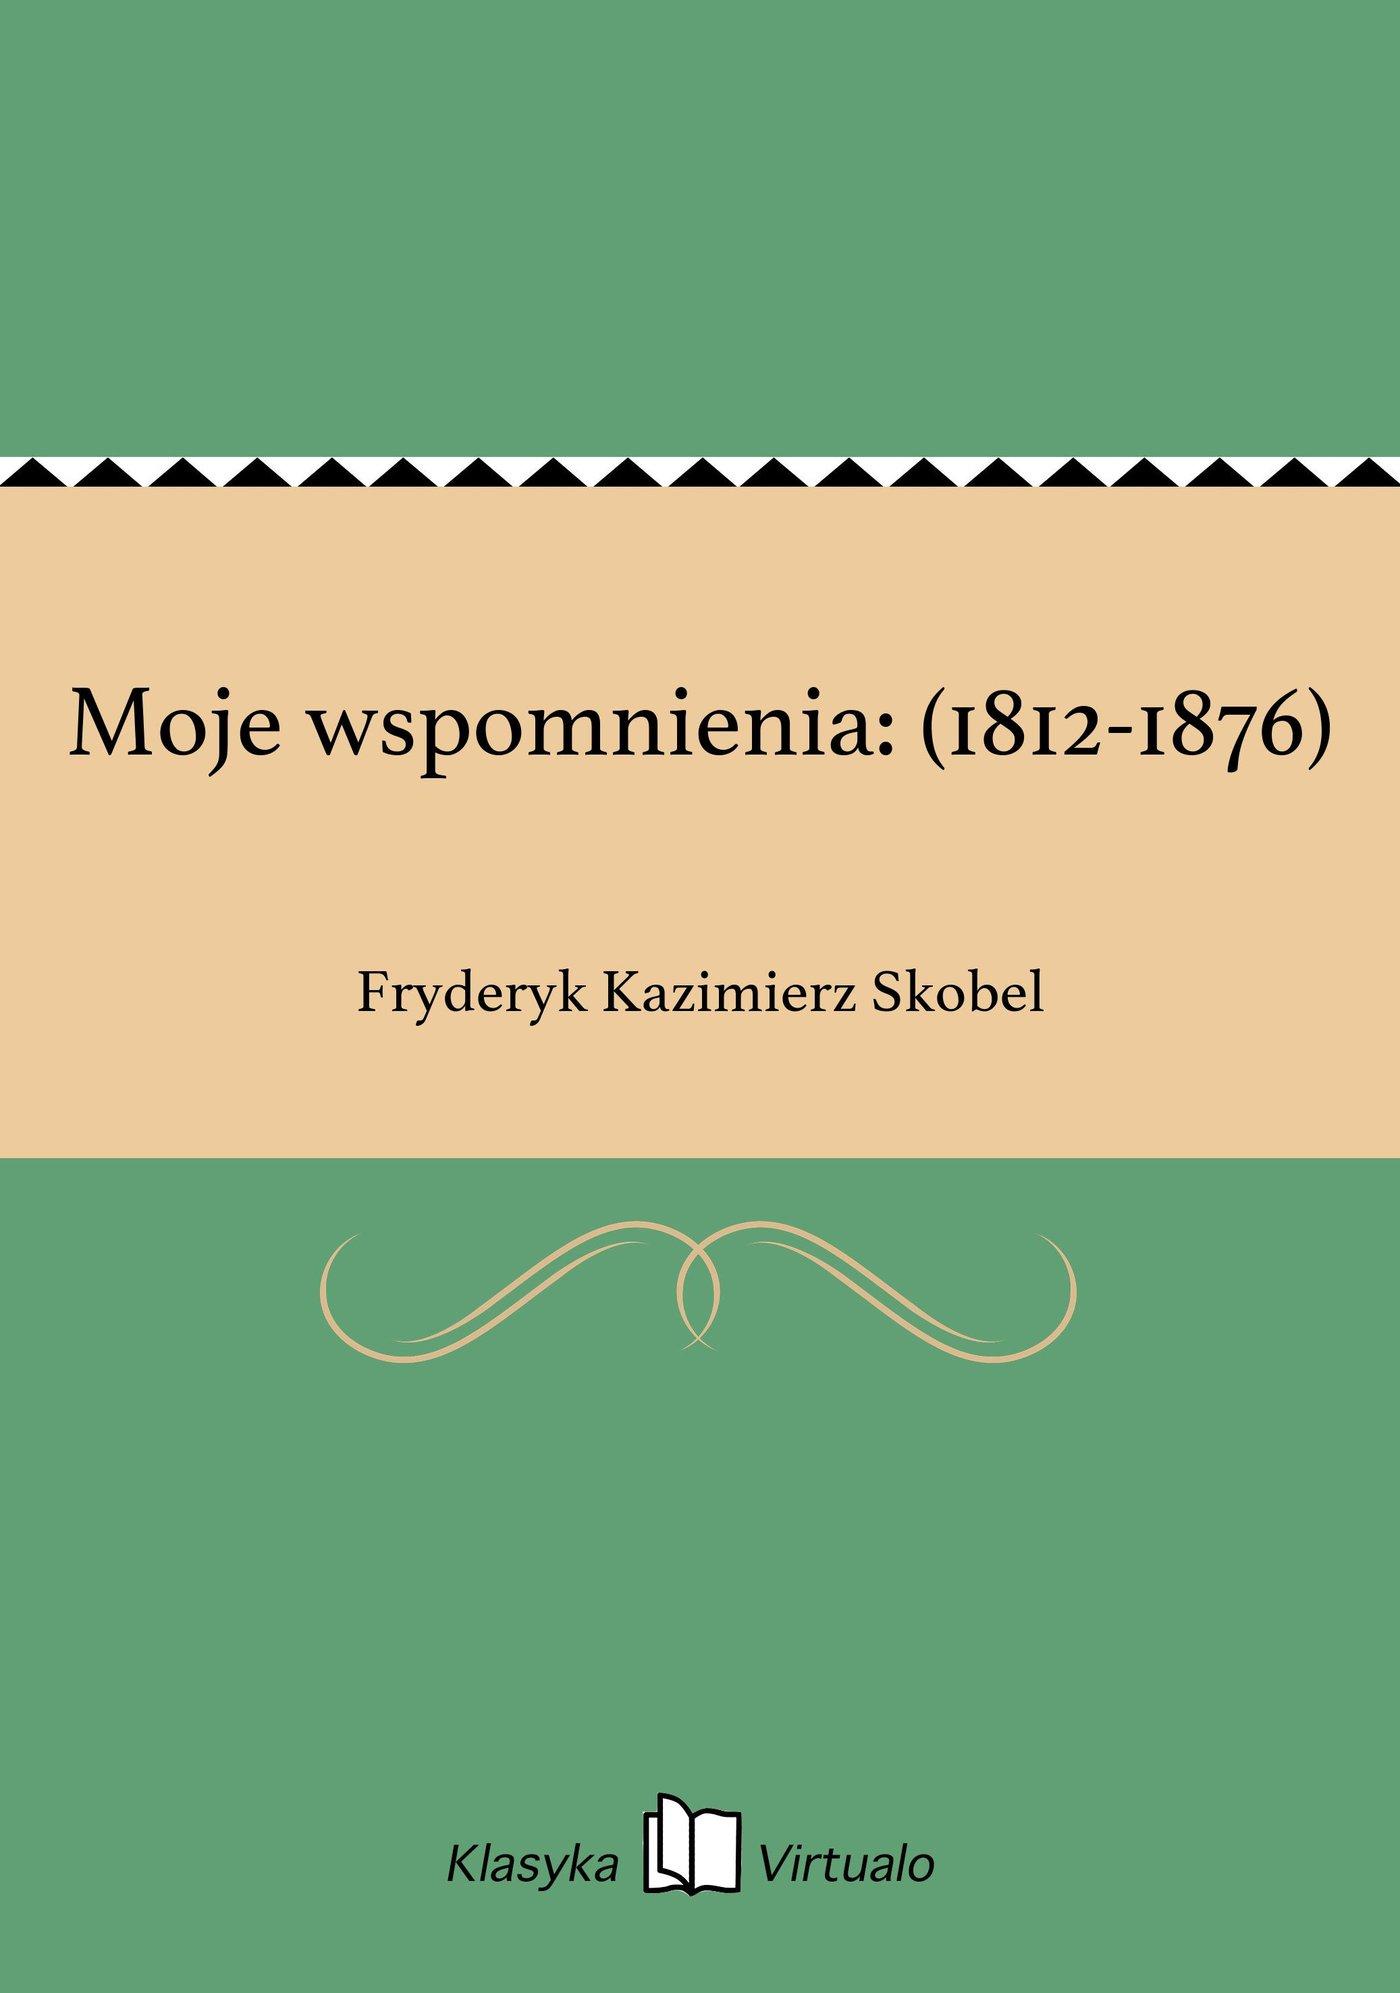 Moje wspomnienia: (1812-1876) - Ebook (Książka EPUB) do pobrania w formacie EPUB